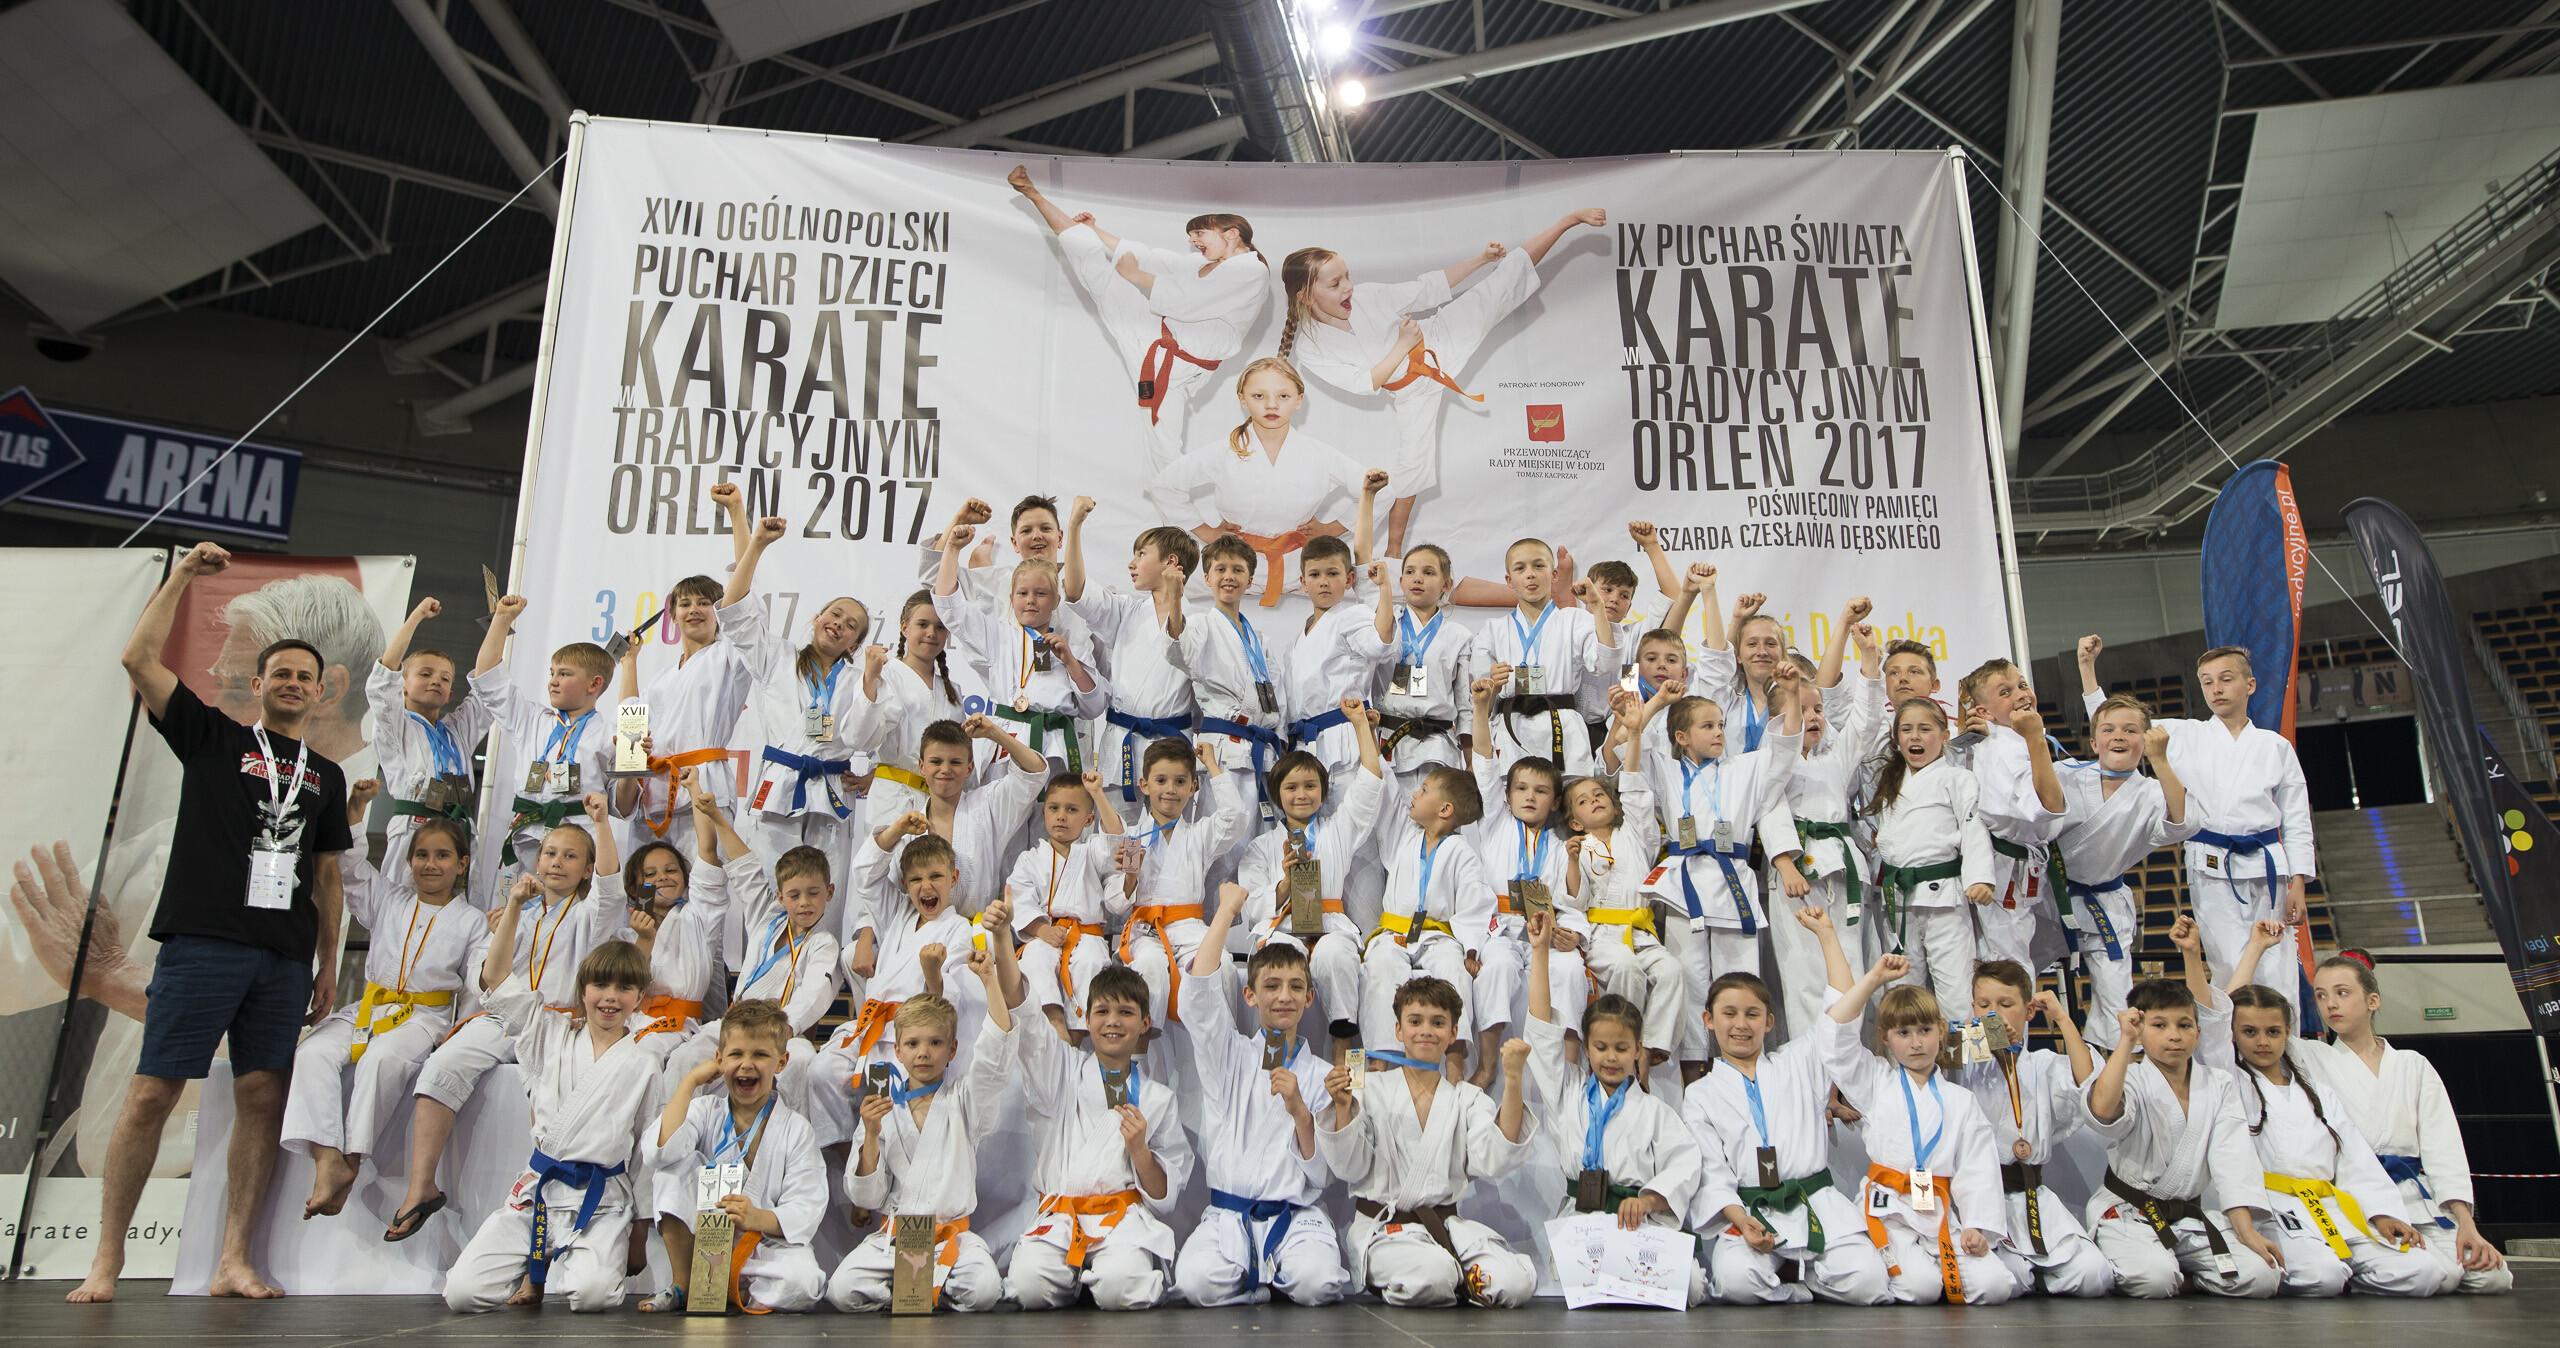 <p>Świetny wynik karateków AKT podczas Pucharu Polski Dzieci rozegranego 3 czerwca w łódzkiej Atlas Arenie! Młodzi zawodnicy zdobyli 39 medali (13 złotych, 8 srebrnych i 18 brązowych) oraz 6 czwartych miejsc i tym samym wywalczyli pierwsze miejsce dla AKT Niepołomice-Kraków pośród ponad tysiąca uczestników z 73 klubów Polski.</p>